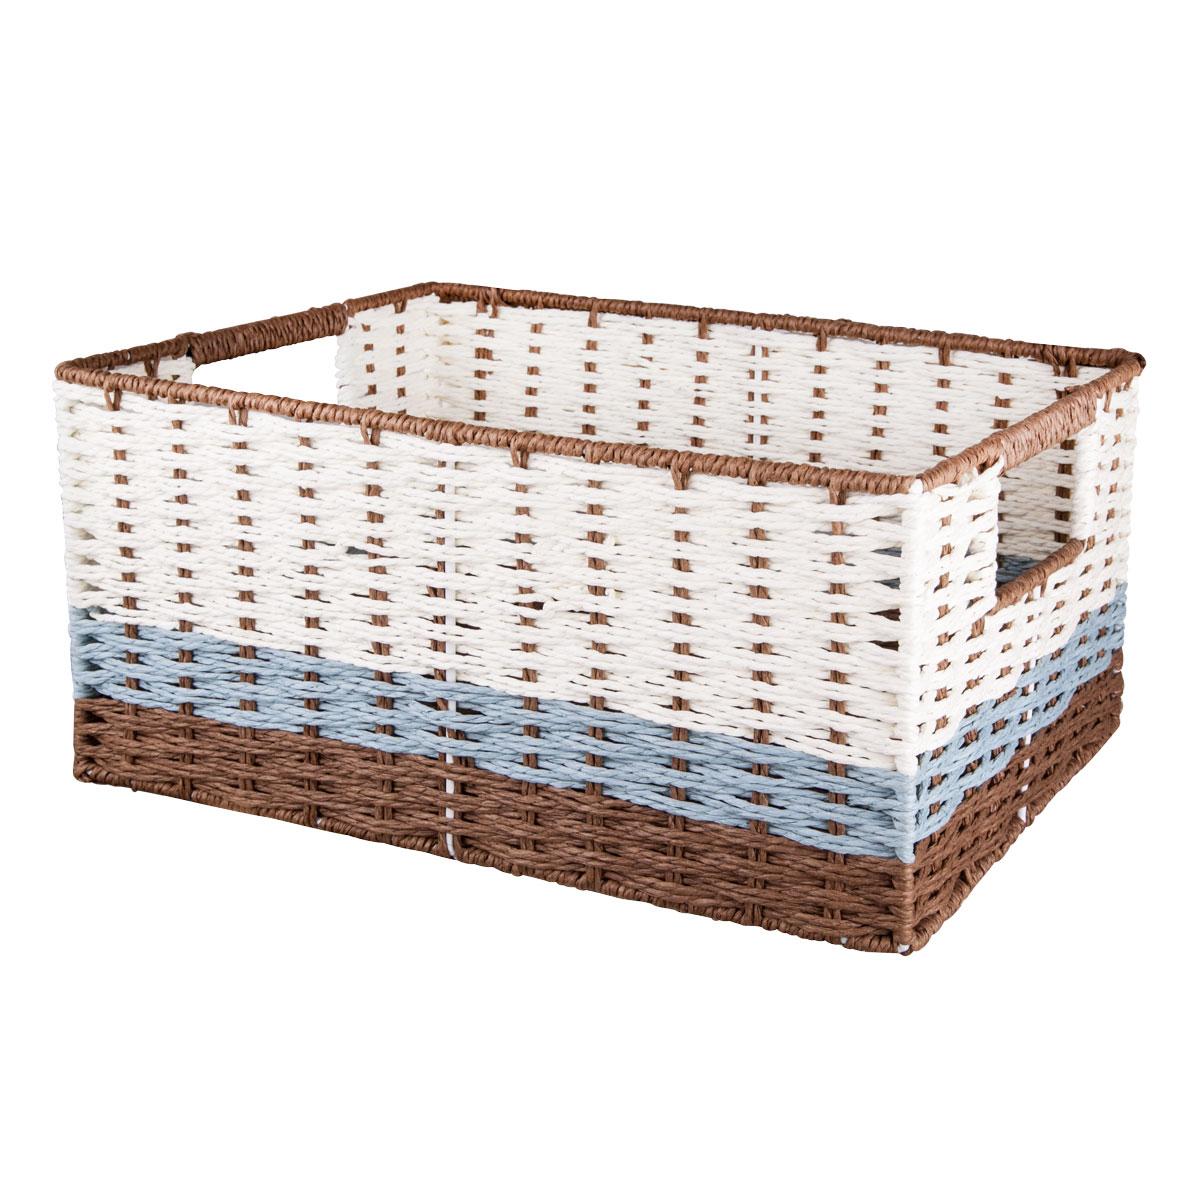 Корзина для хранения Miolla, с ручками, 31 х 23 х 15 смBSK6-SВместительная плетеная корзина для хранения Miolla - отличное решение для хранения. Корзина имеет жесткую конструкцию, снабжена удобными ручками. Подходит для хранения бытовых вещей, аксессуаров для рукоделия и других вещей дома и на даче. Экономьте полезное пространство своего дома, уберите ненужные вещи в удобную корзину и используйте ее для хранения дорогих сердцу вещей, которые нужно сберечь в целости и сохранности.